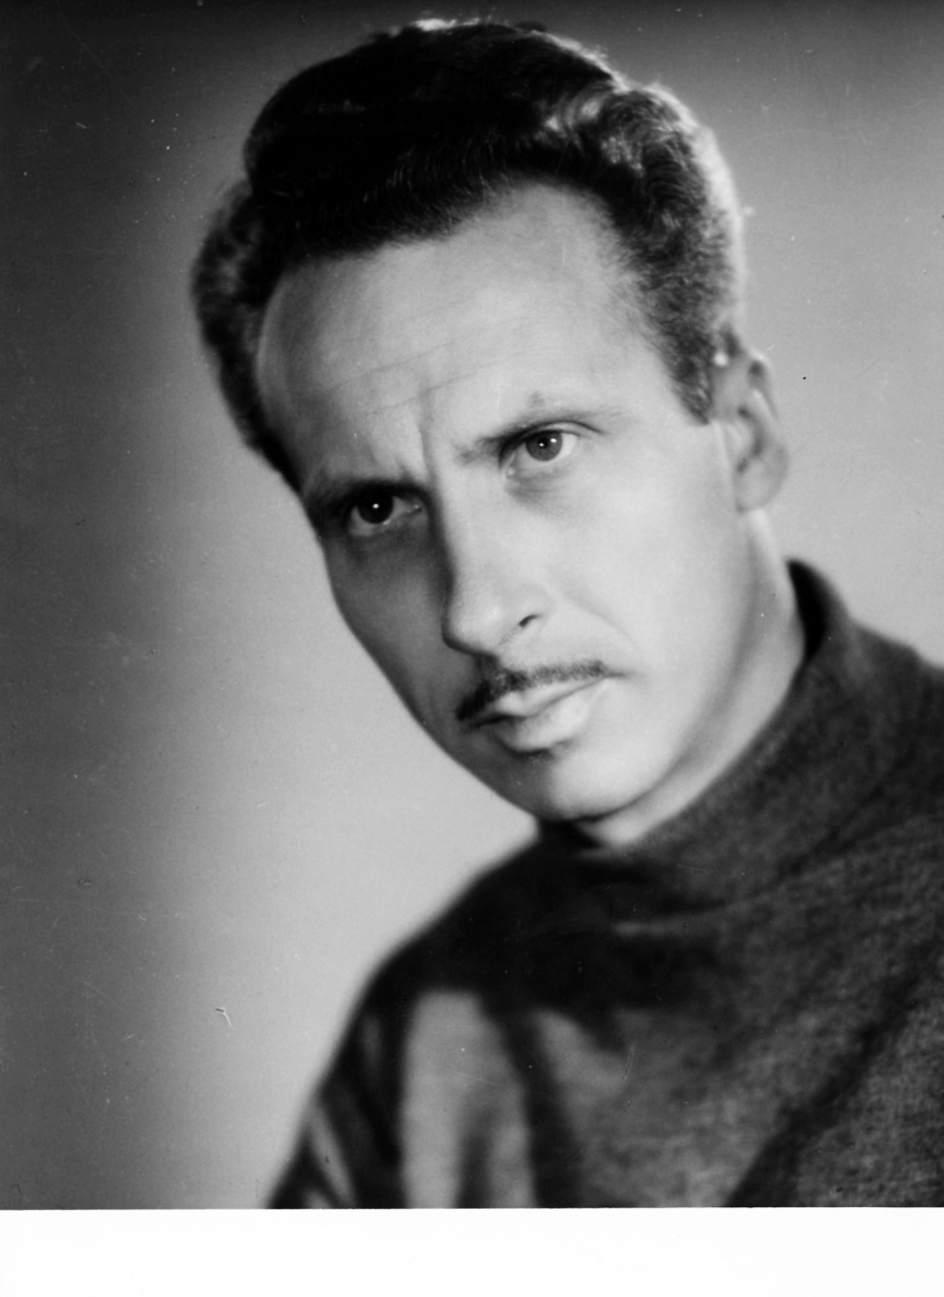 Fernand Léger - Películas, biografías y listas en MUBI